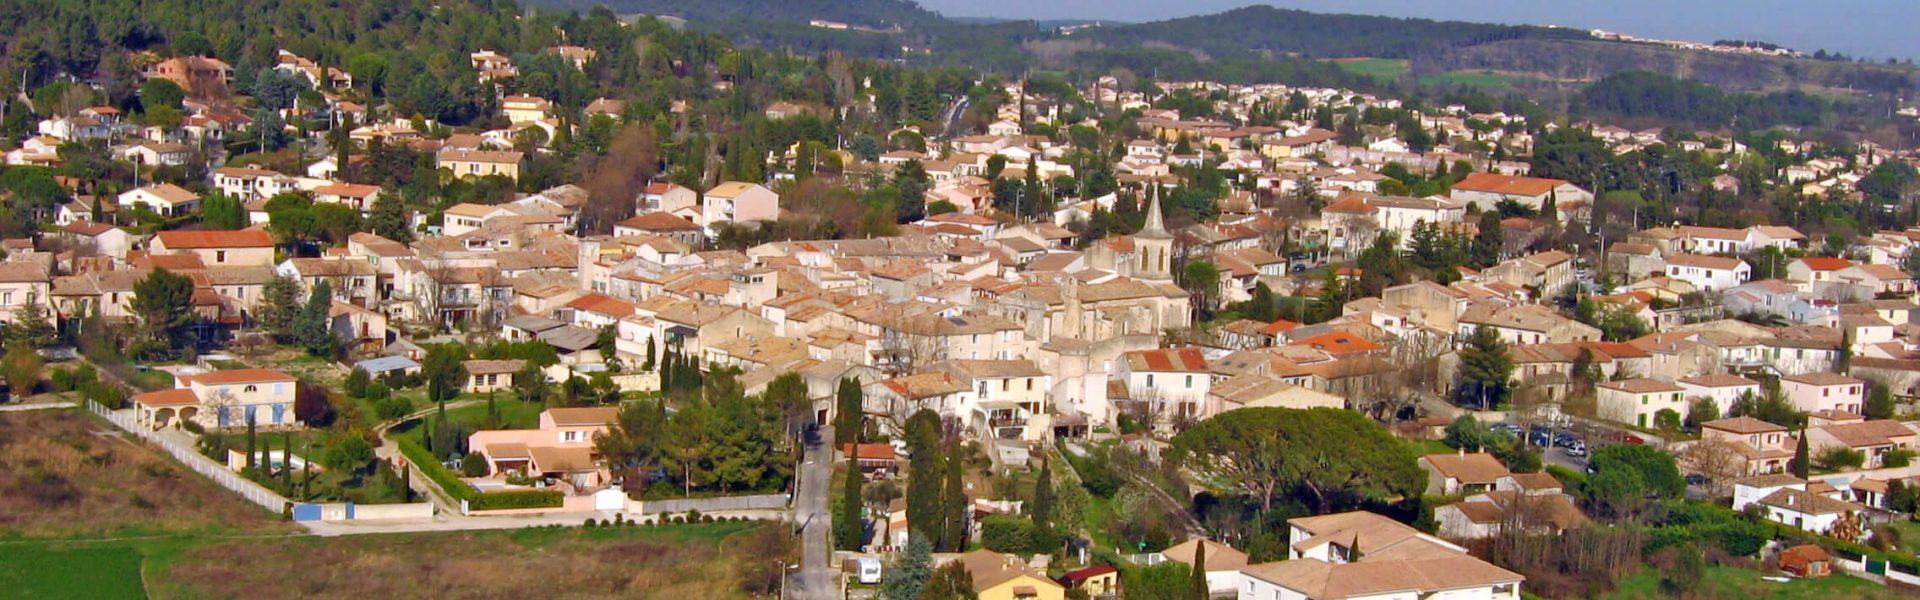 Vue panoramique sur la ville de Grables